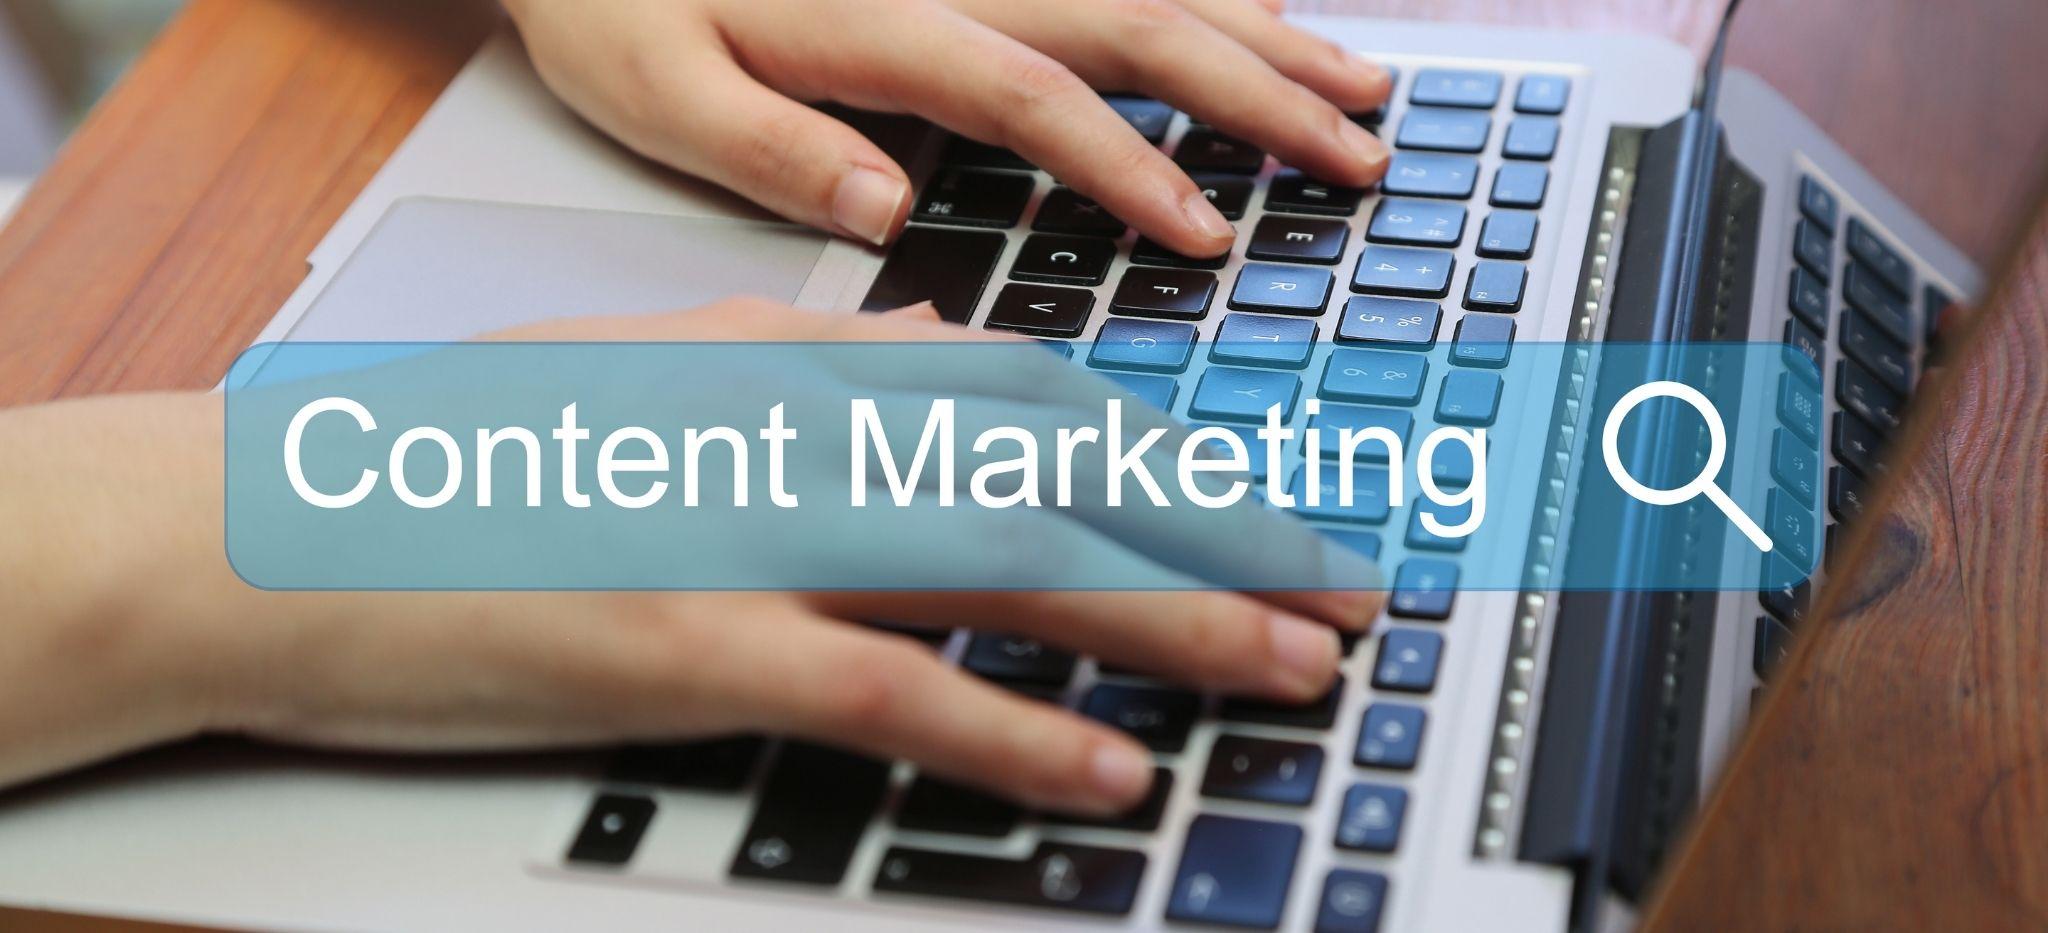 le marketing de contenu va vous permettre de booster votre business